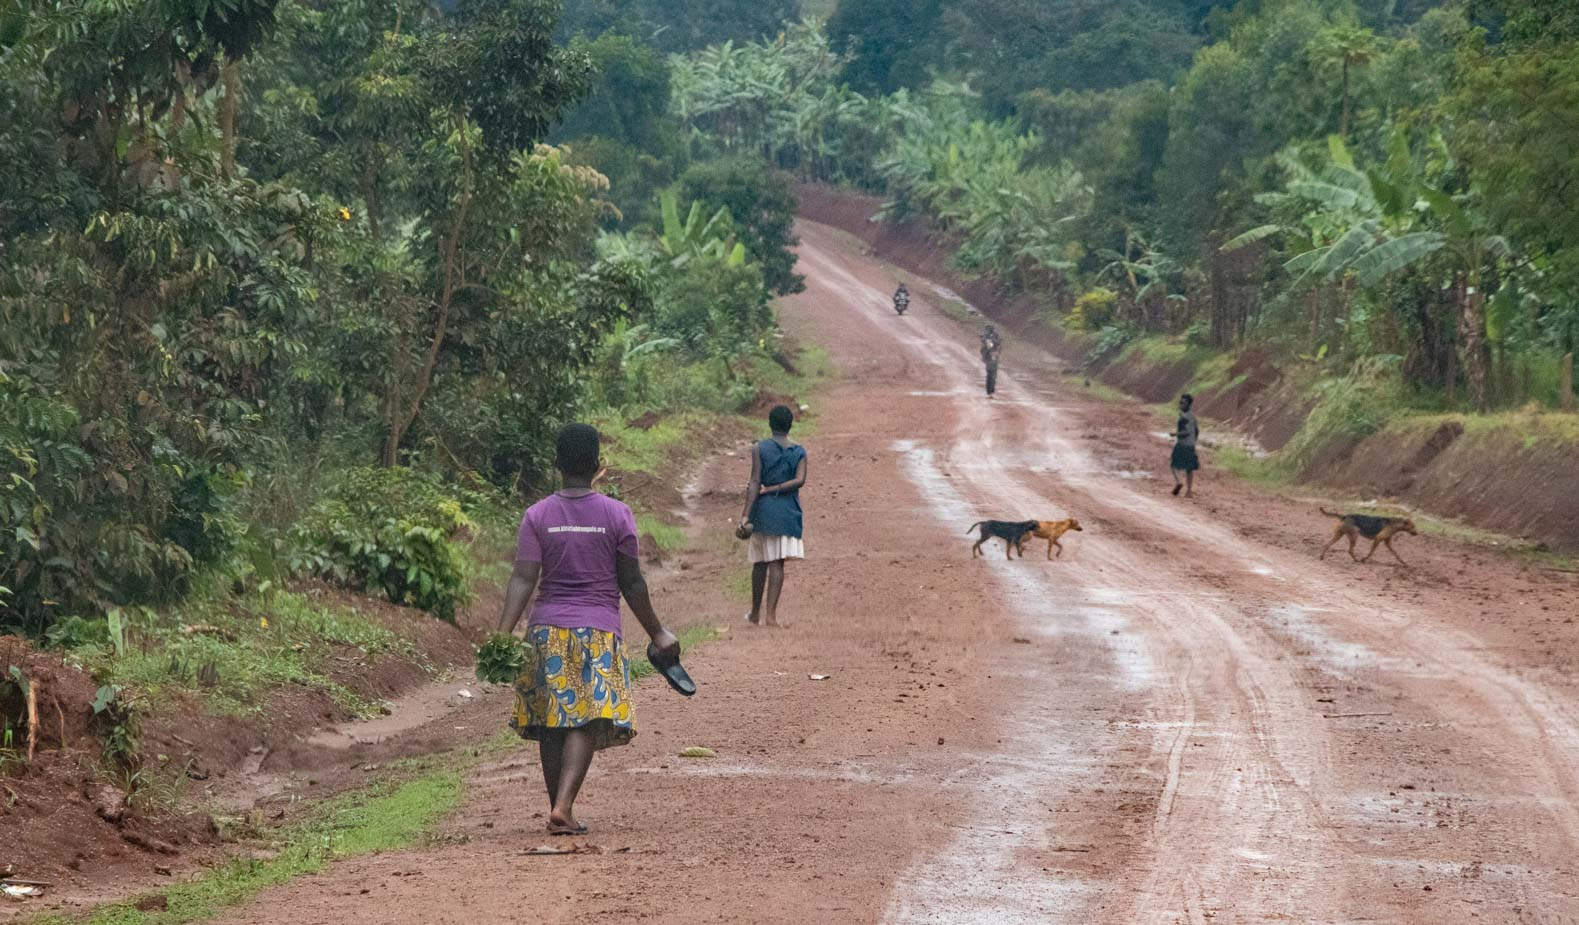 camino-a-entebbe-uganda-4